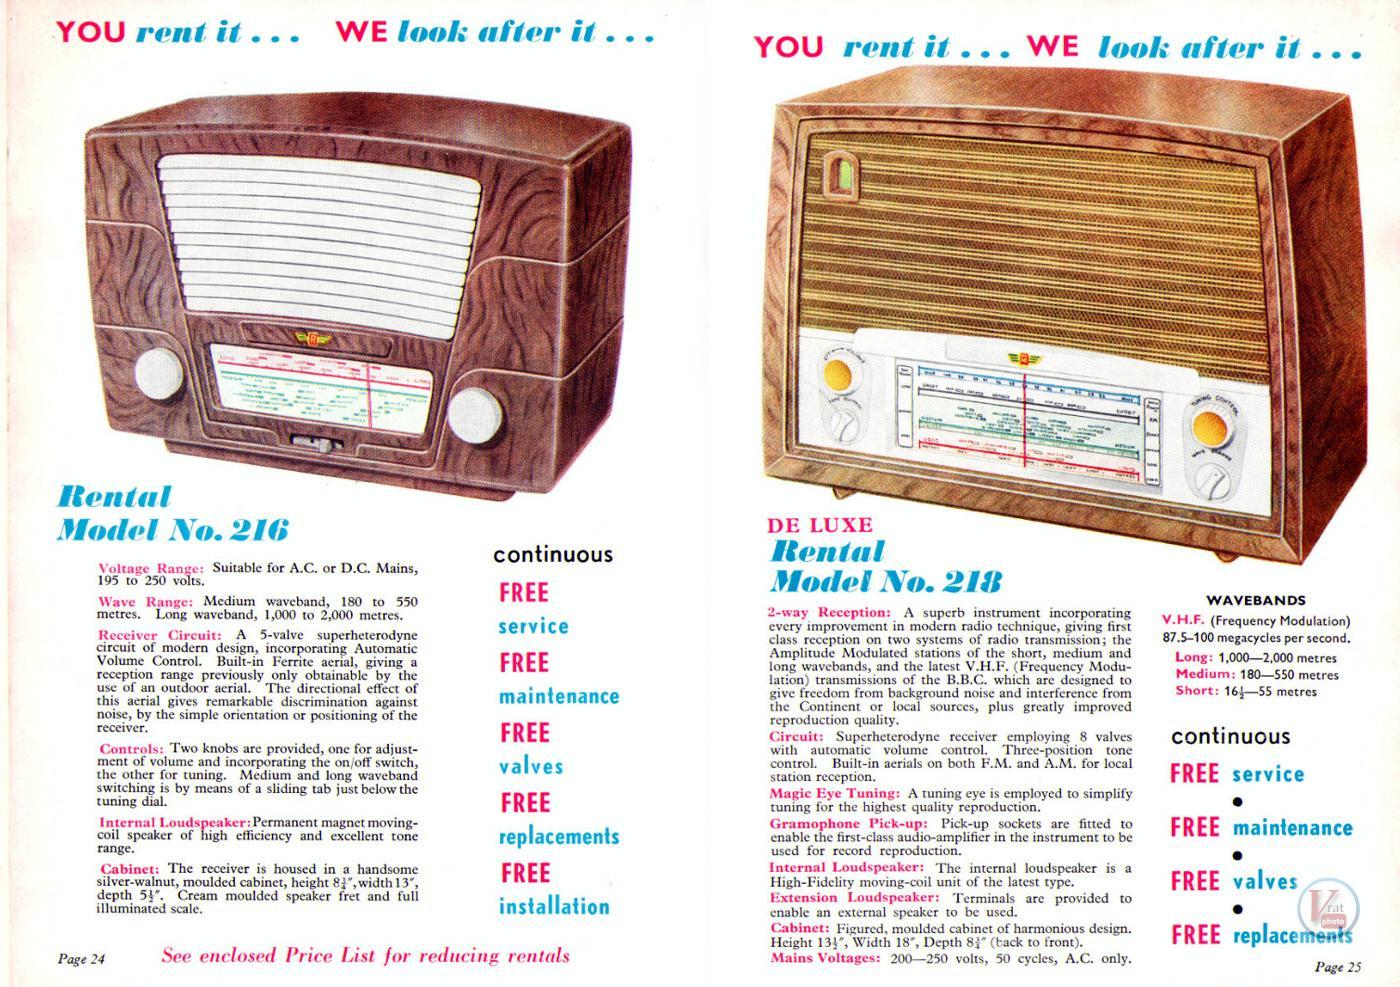 1957 Radio Rentals Catalogue 87